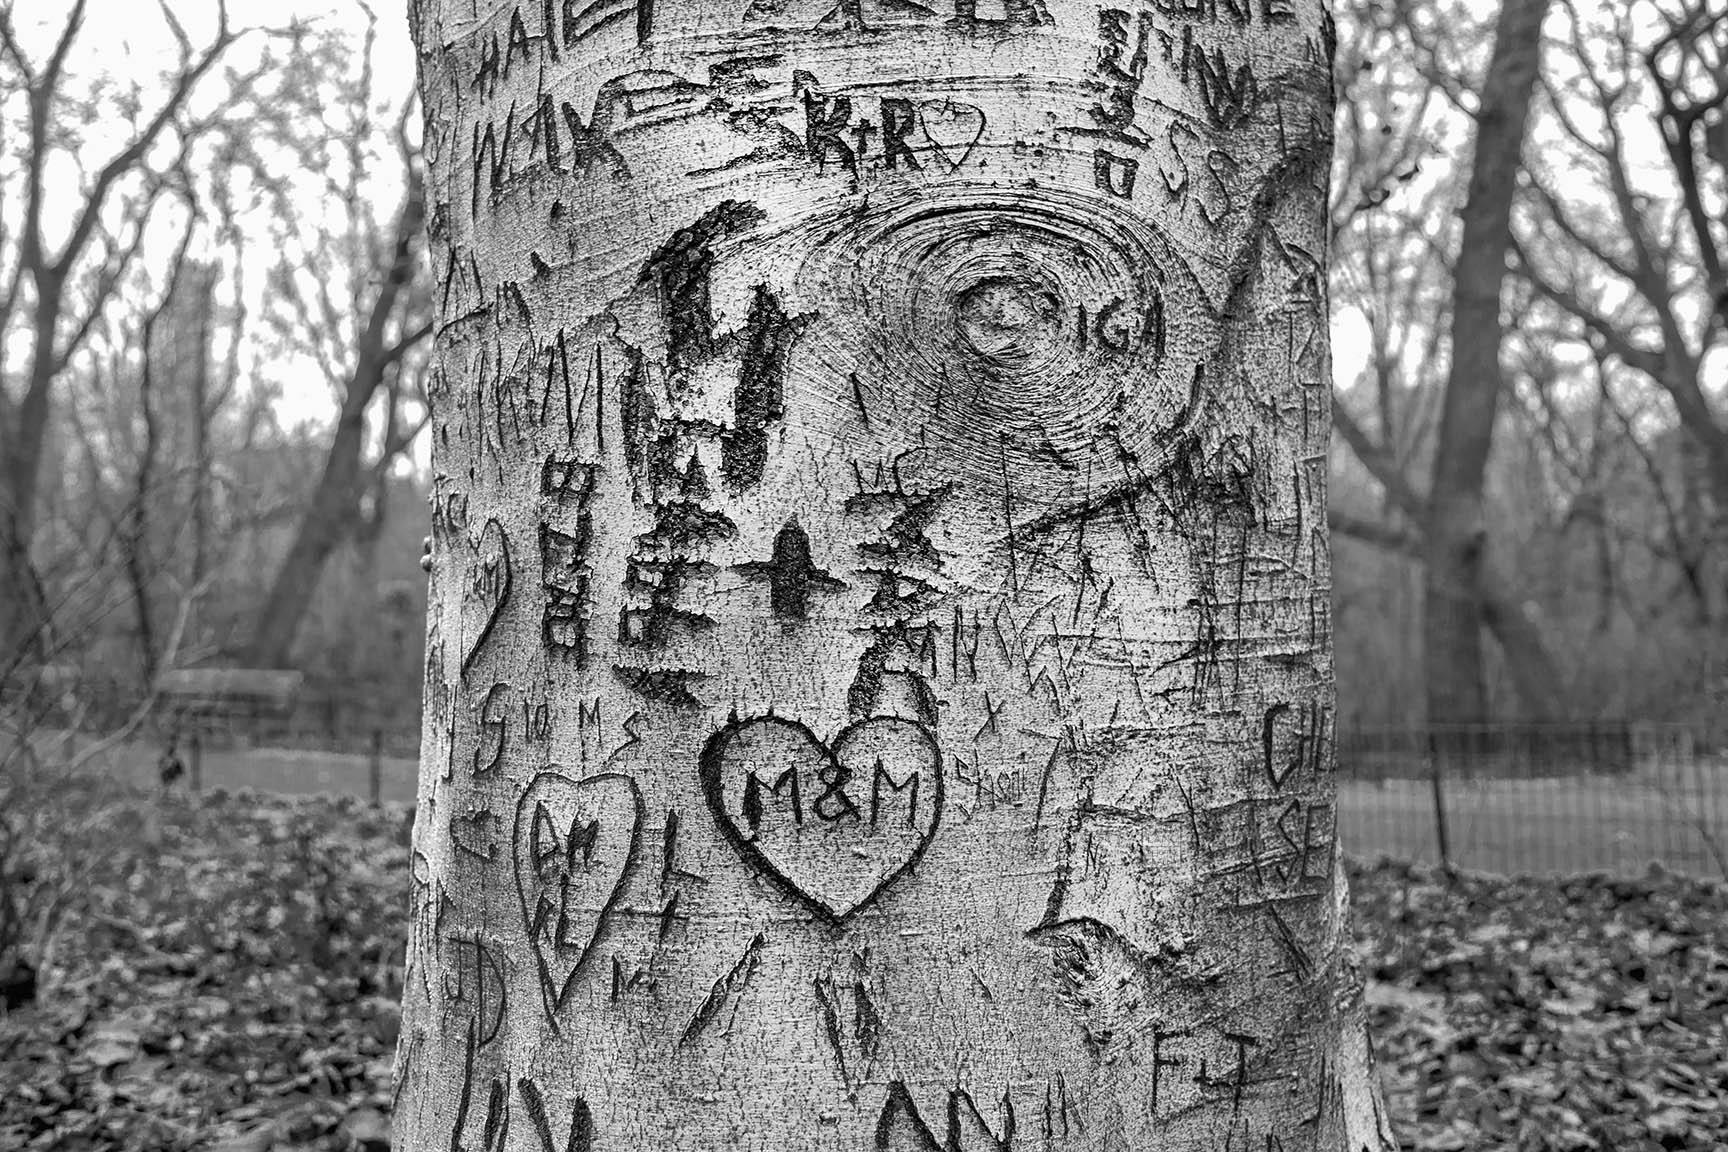 31_Tattoo Tree_7199-BLOG